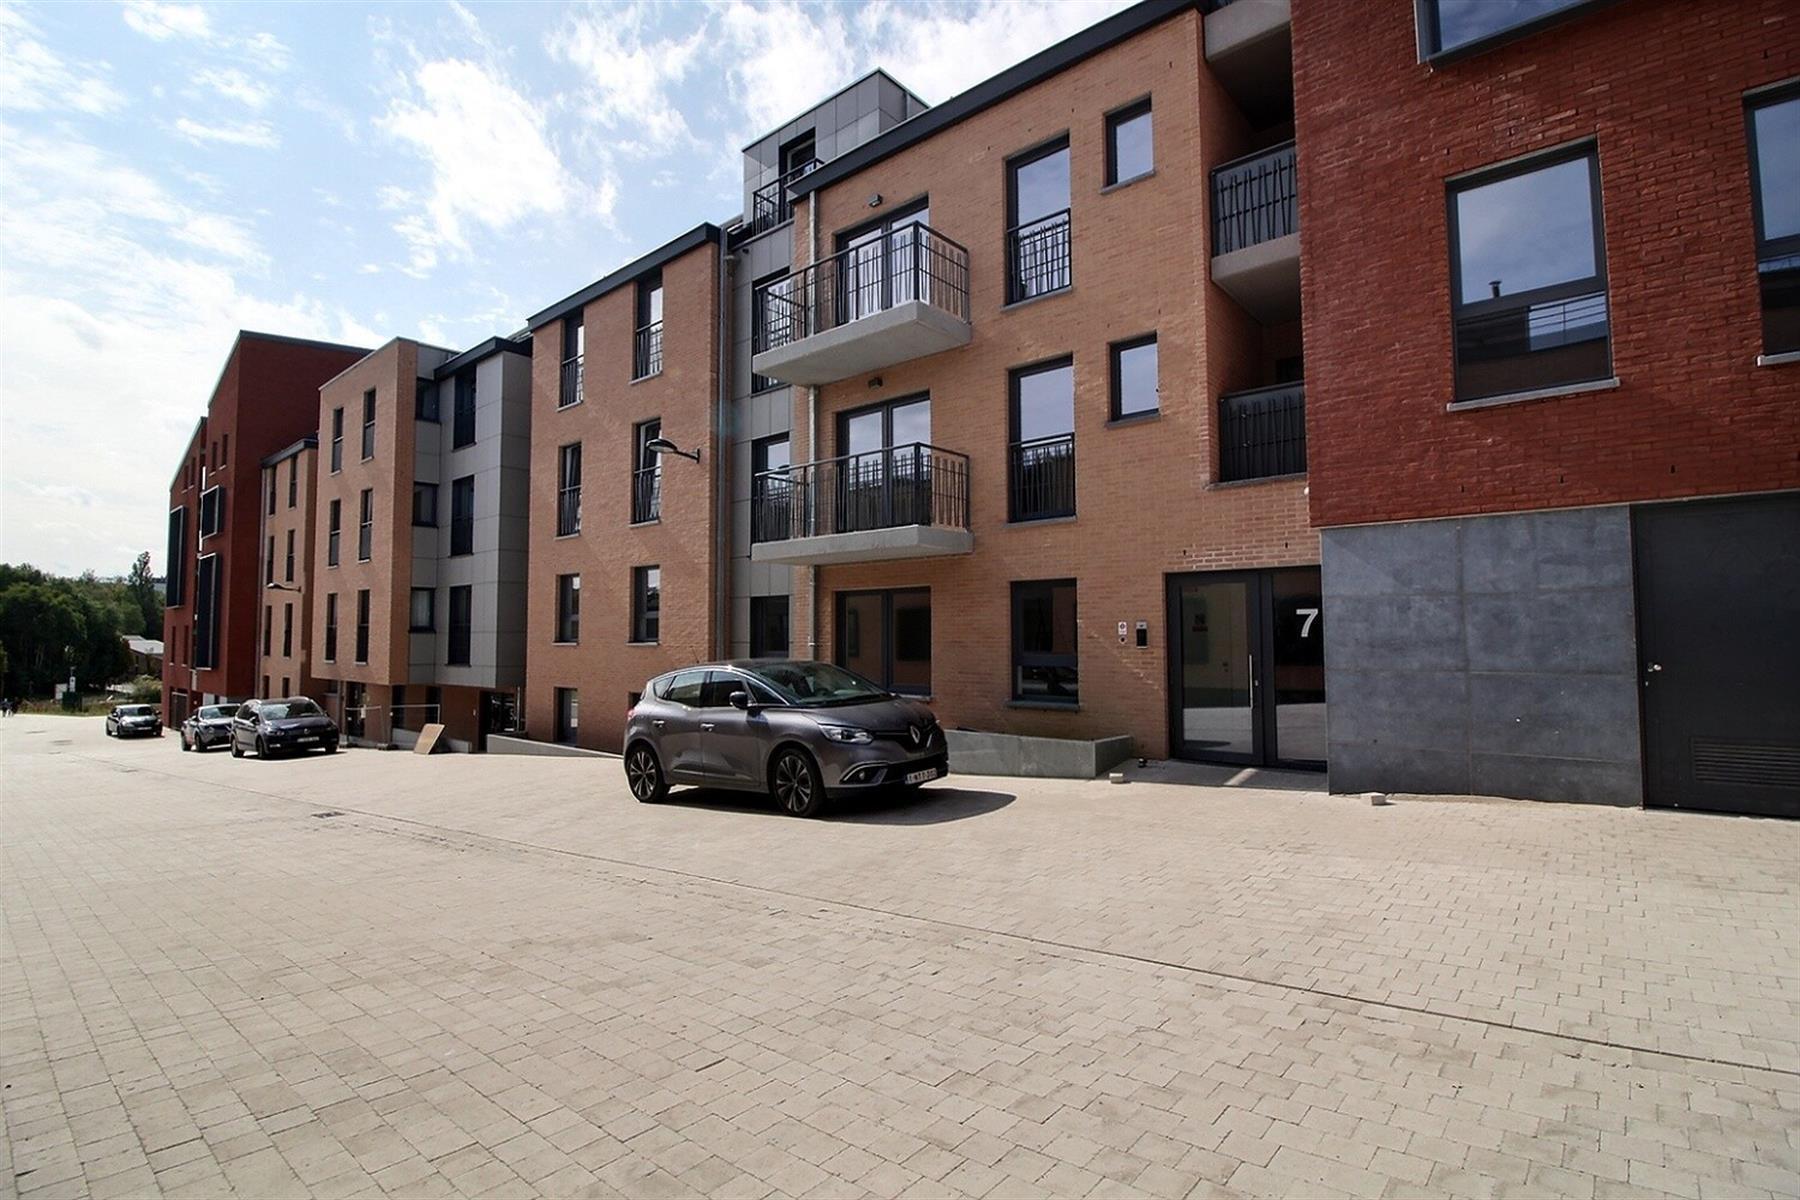 Appartement - Ottignies-Louvain-la-Neuve Louvain-la-Neuve - #4258211-0